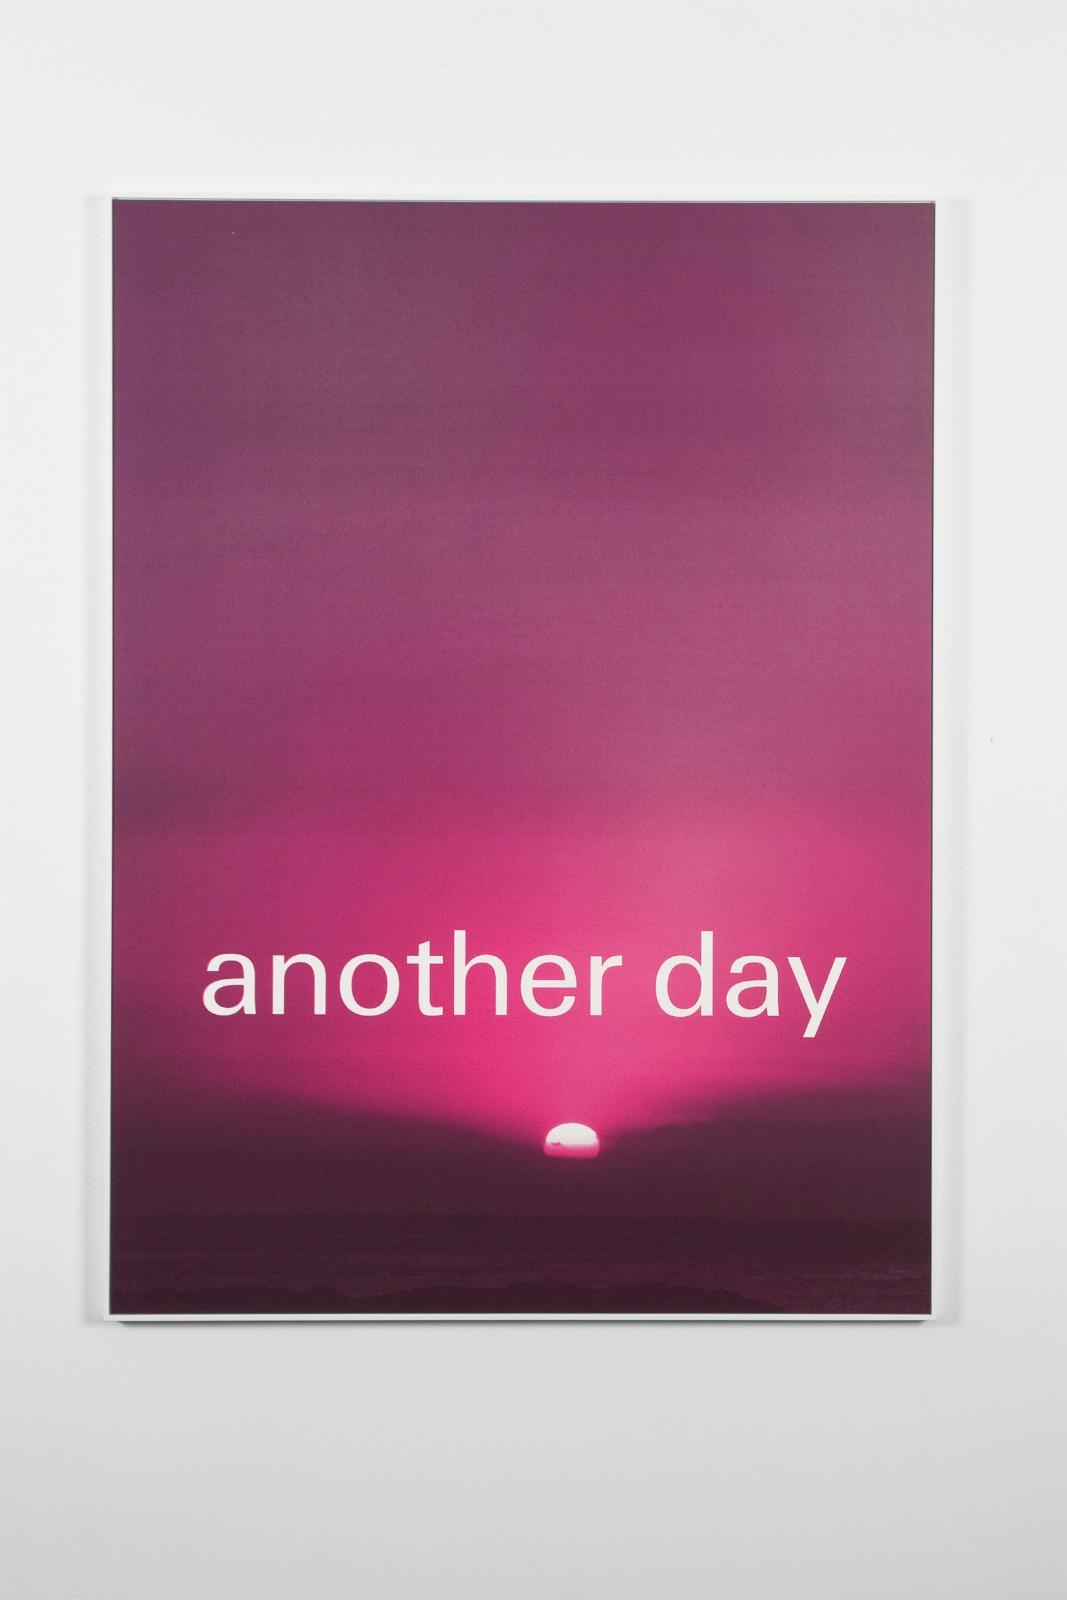 Another Day, 2011, silkscreen on papir, framed, 110 x 80 cm. Ed. 50